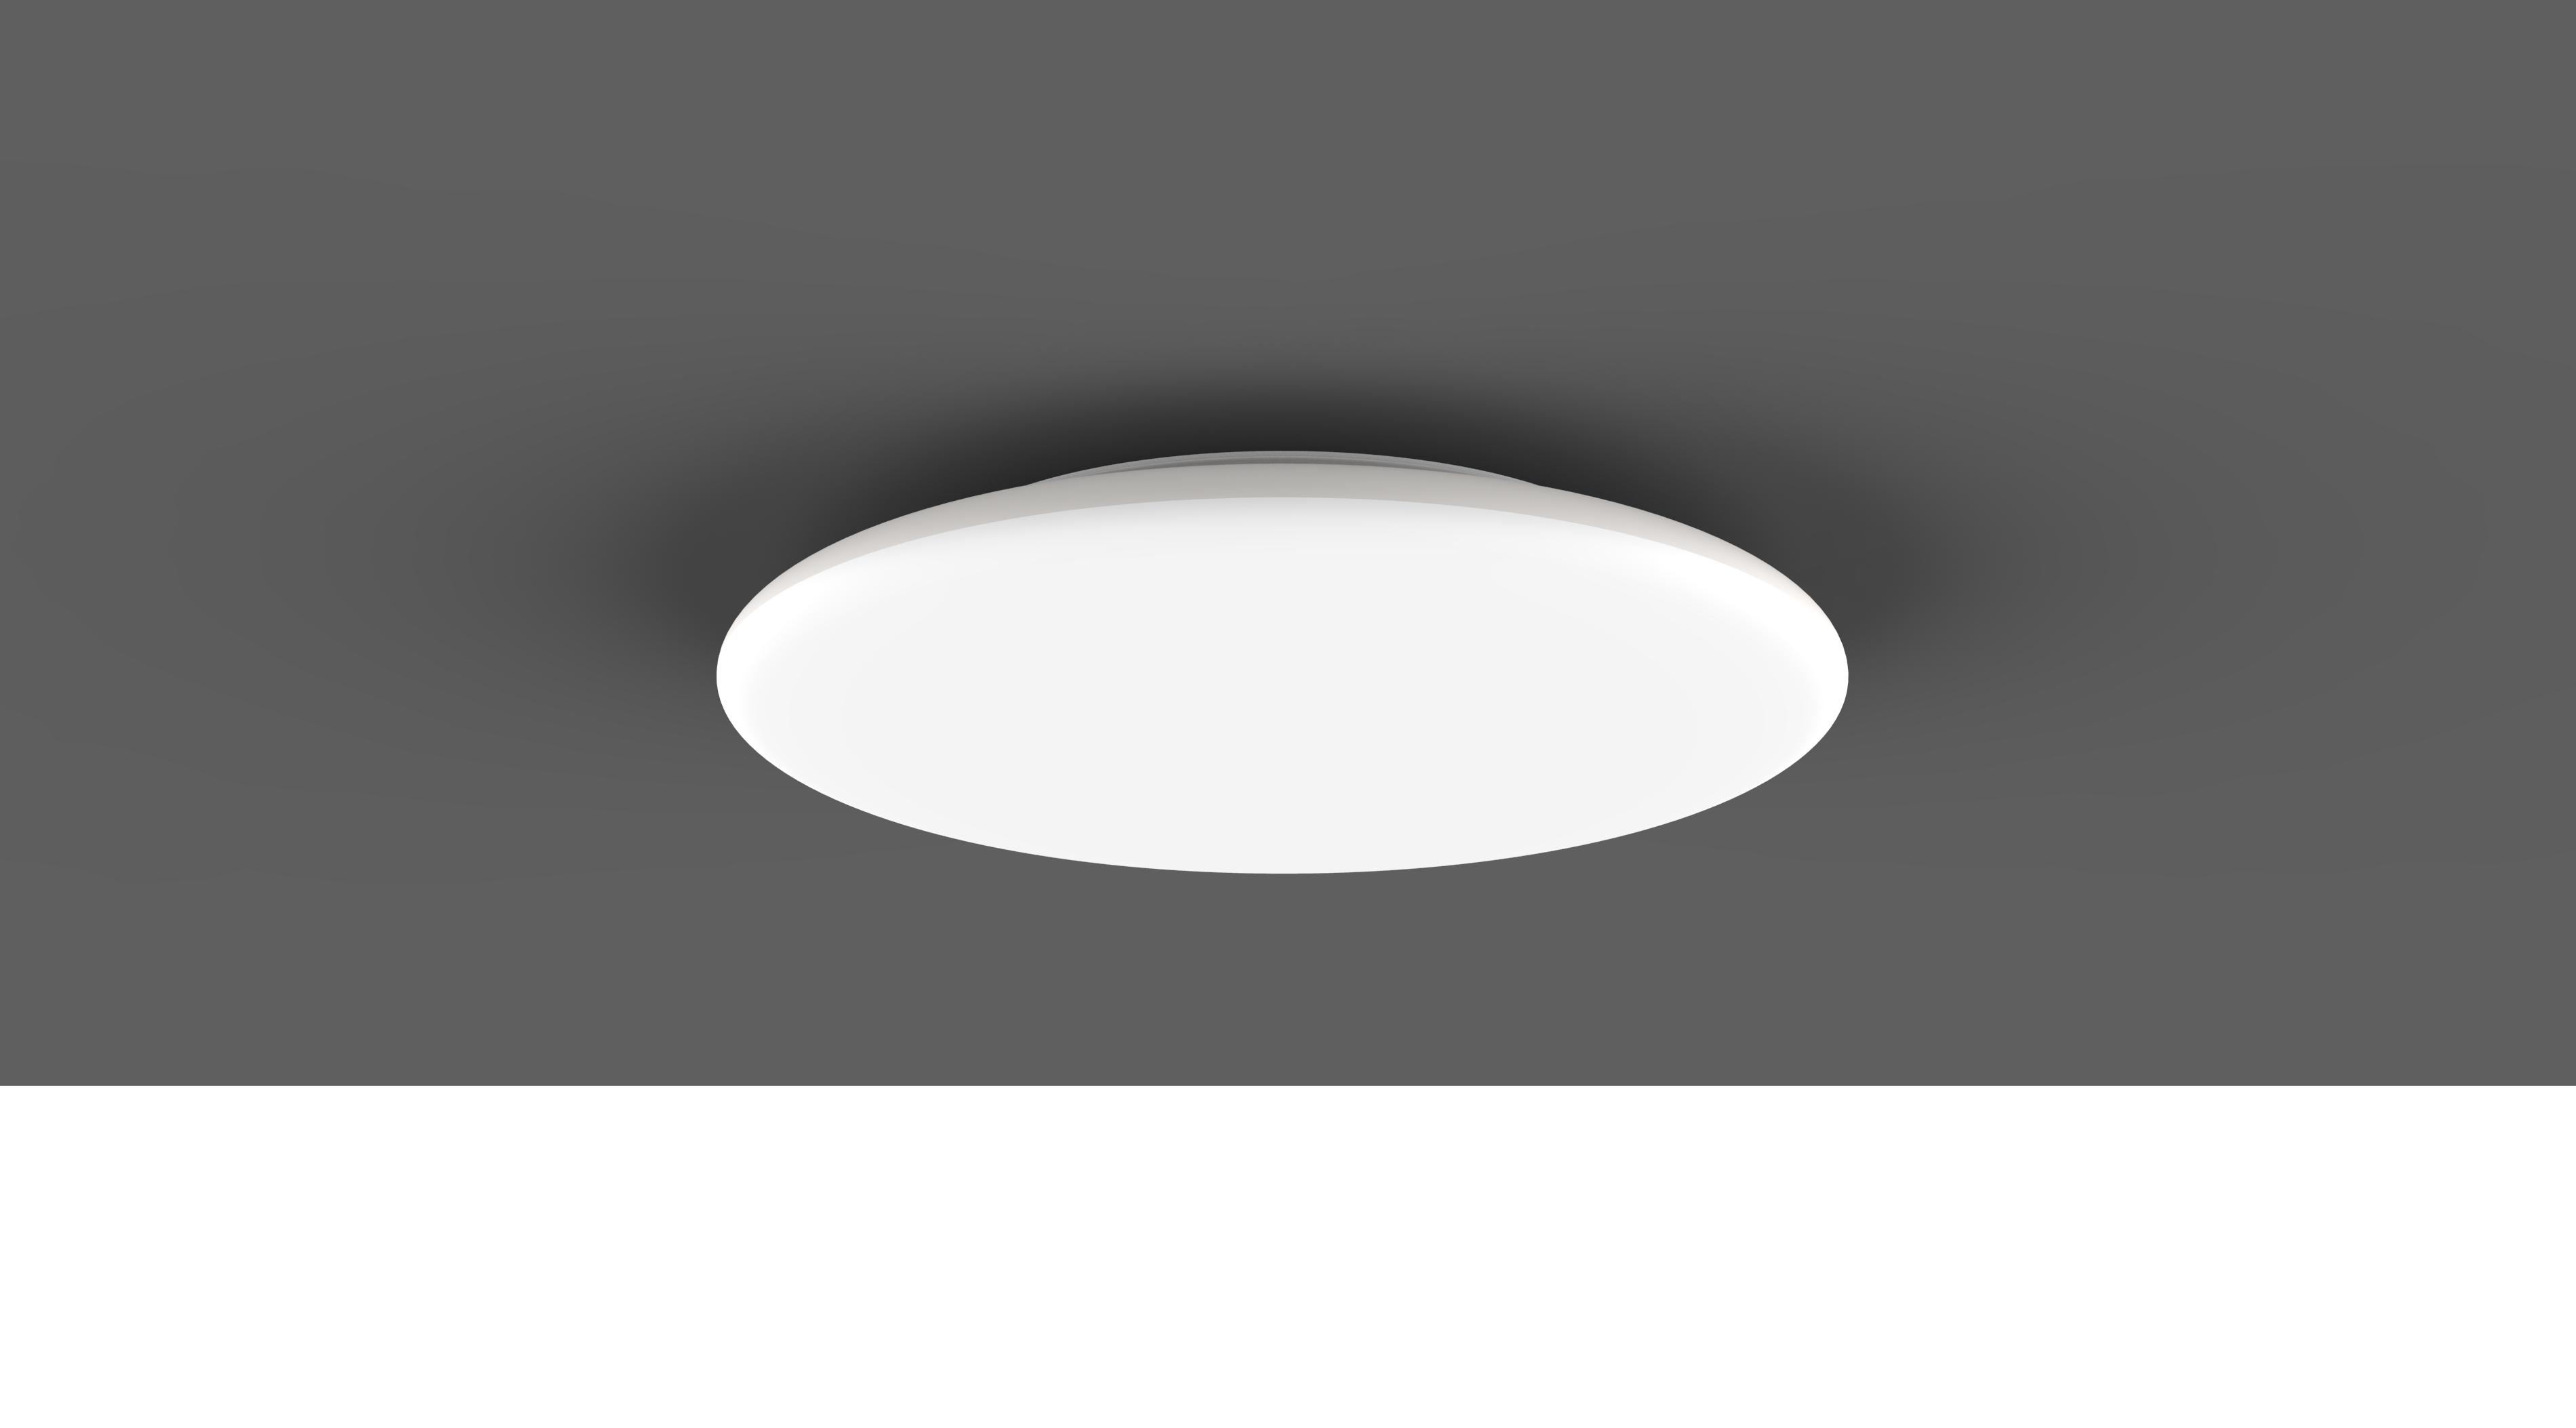 Pinnapealne valgusti Kati 400X63mm LED 25W 2155lm 3000K CRI80, valge, dimmitav faasilõikega